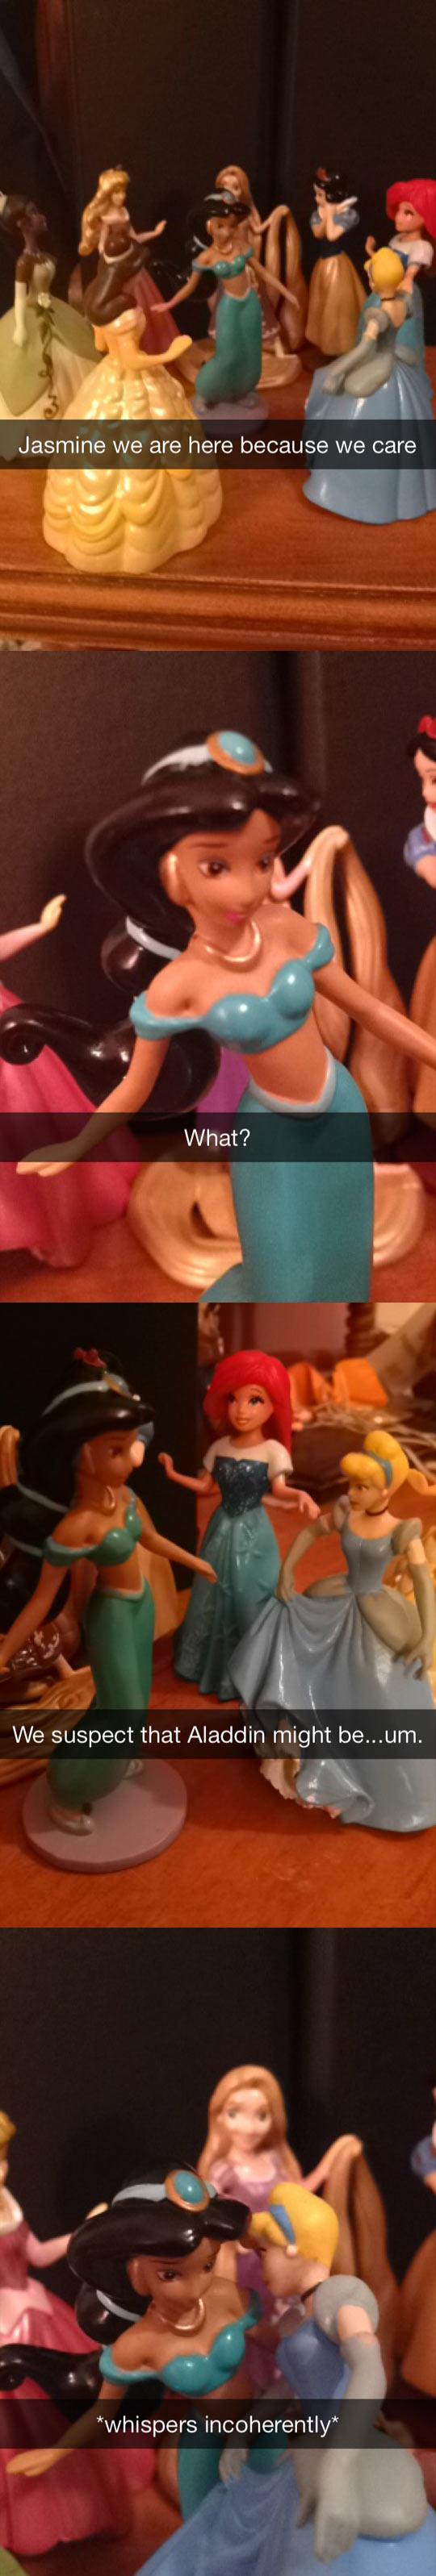 Disney princesses care...